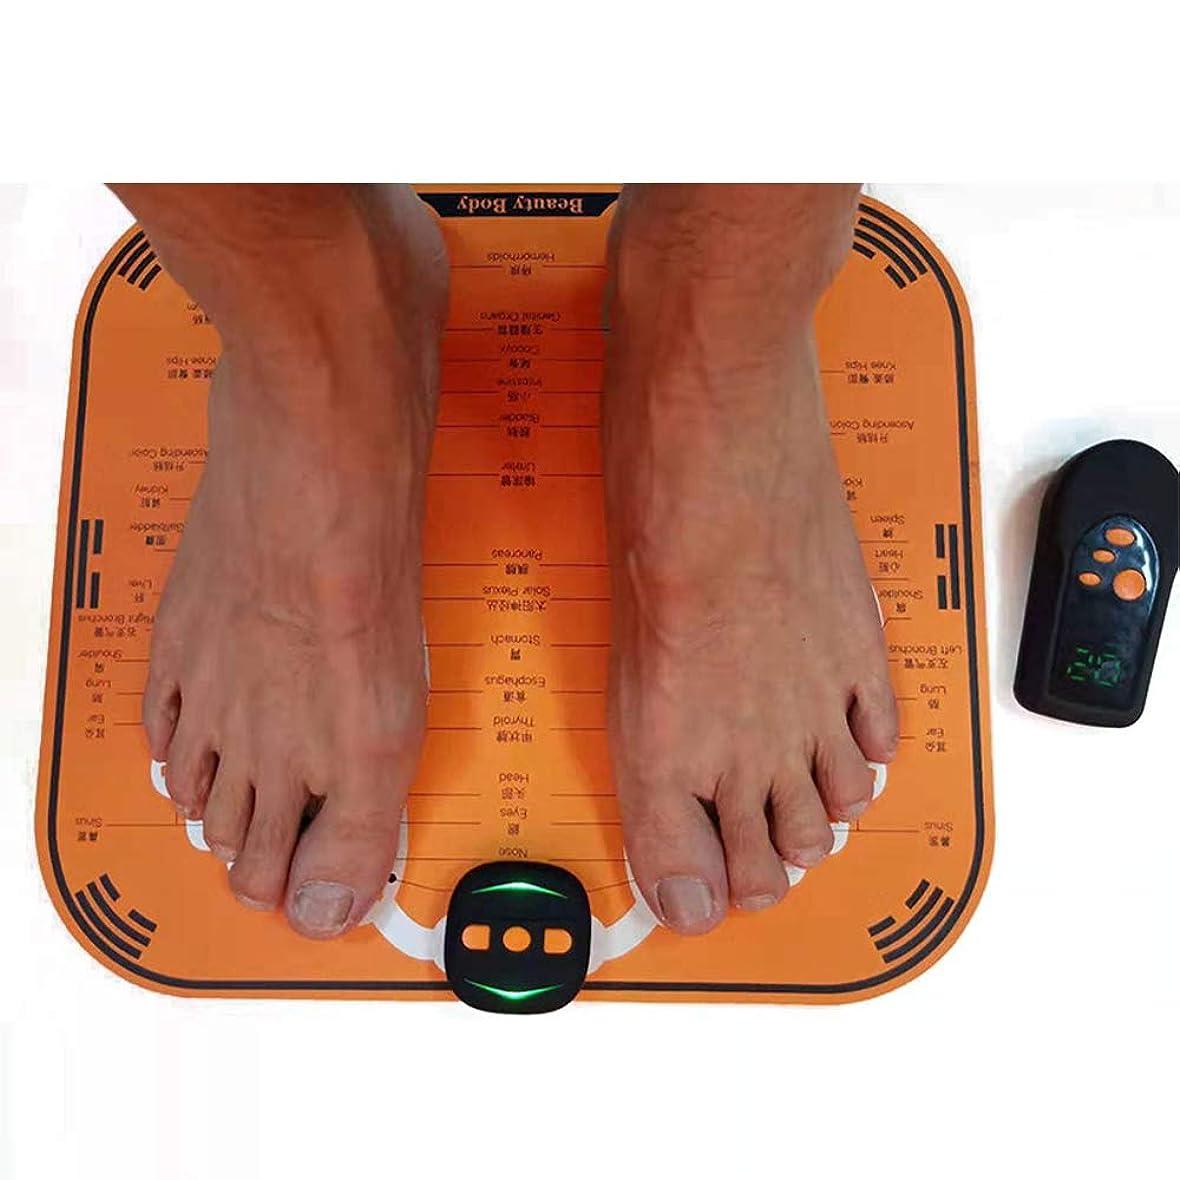 六分儀死元気EMSフットマッサージャー、折り畳み式電動フットマッサージャーマシンマッサージクッション筋肉刺激USB充電、フットマッサージャー、血行促進6モード、10強度レベル